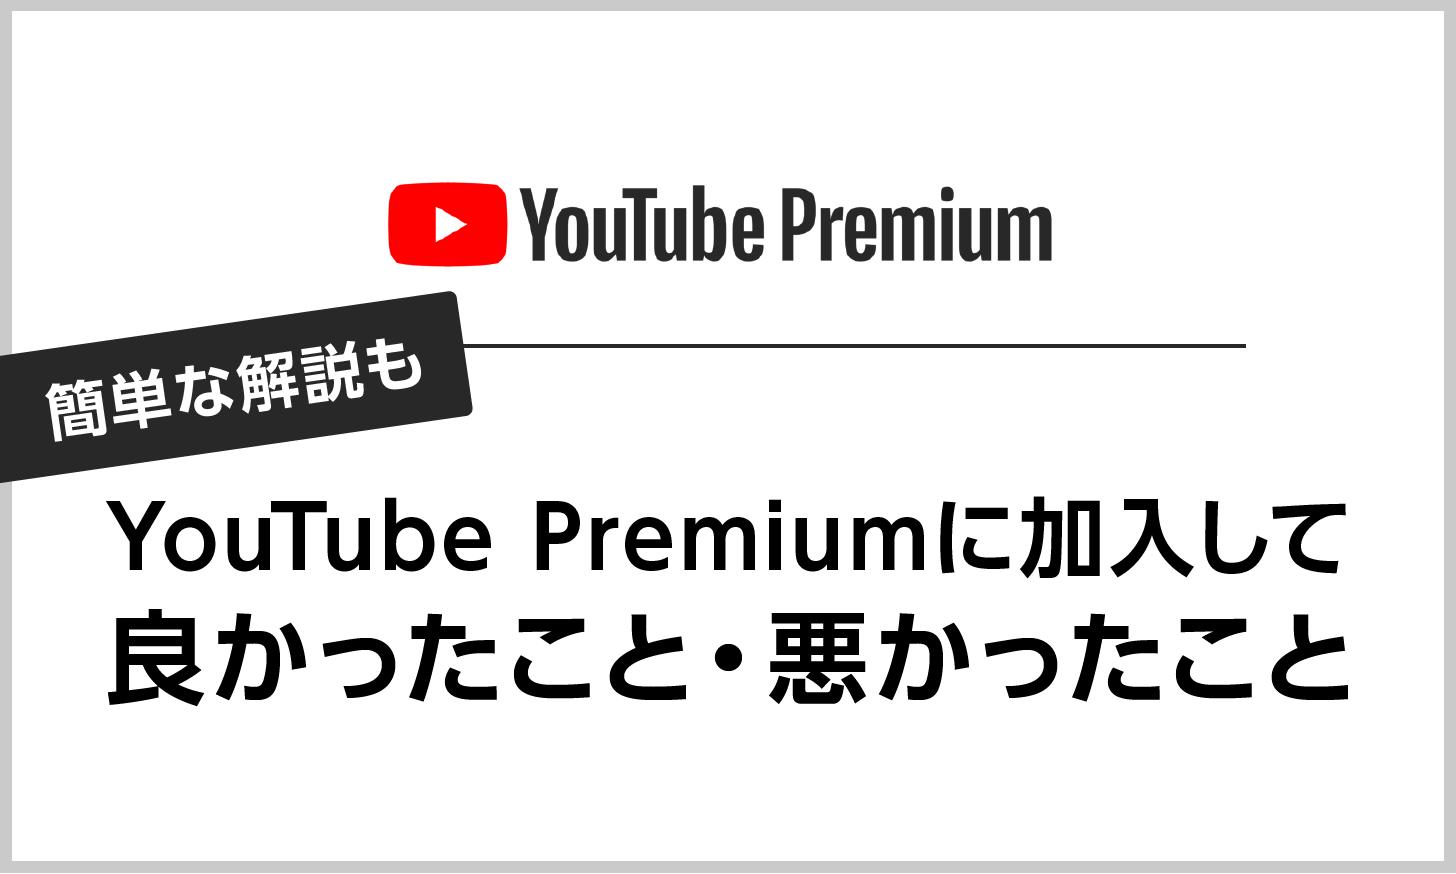 YouTube Premiumに加入して良かったこと・悪かったこと 簡単な解説も